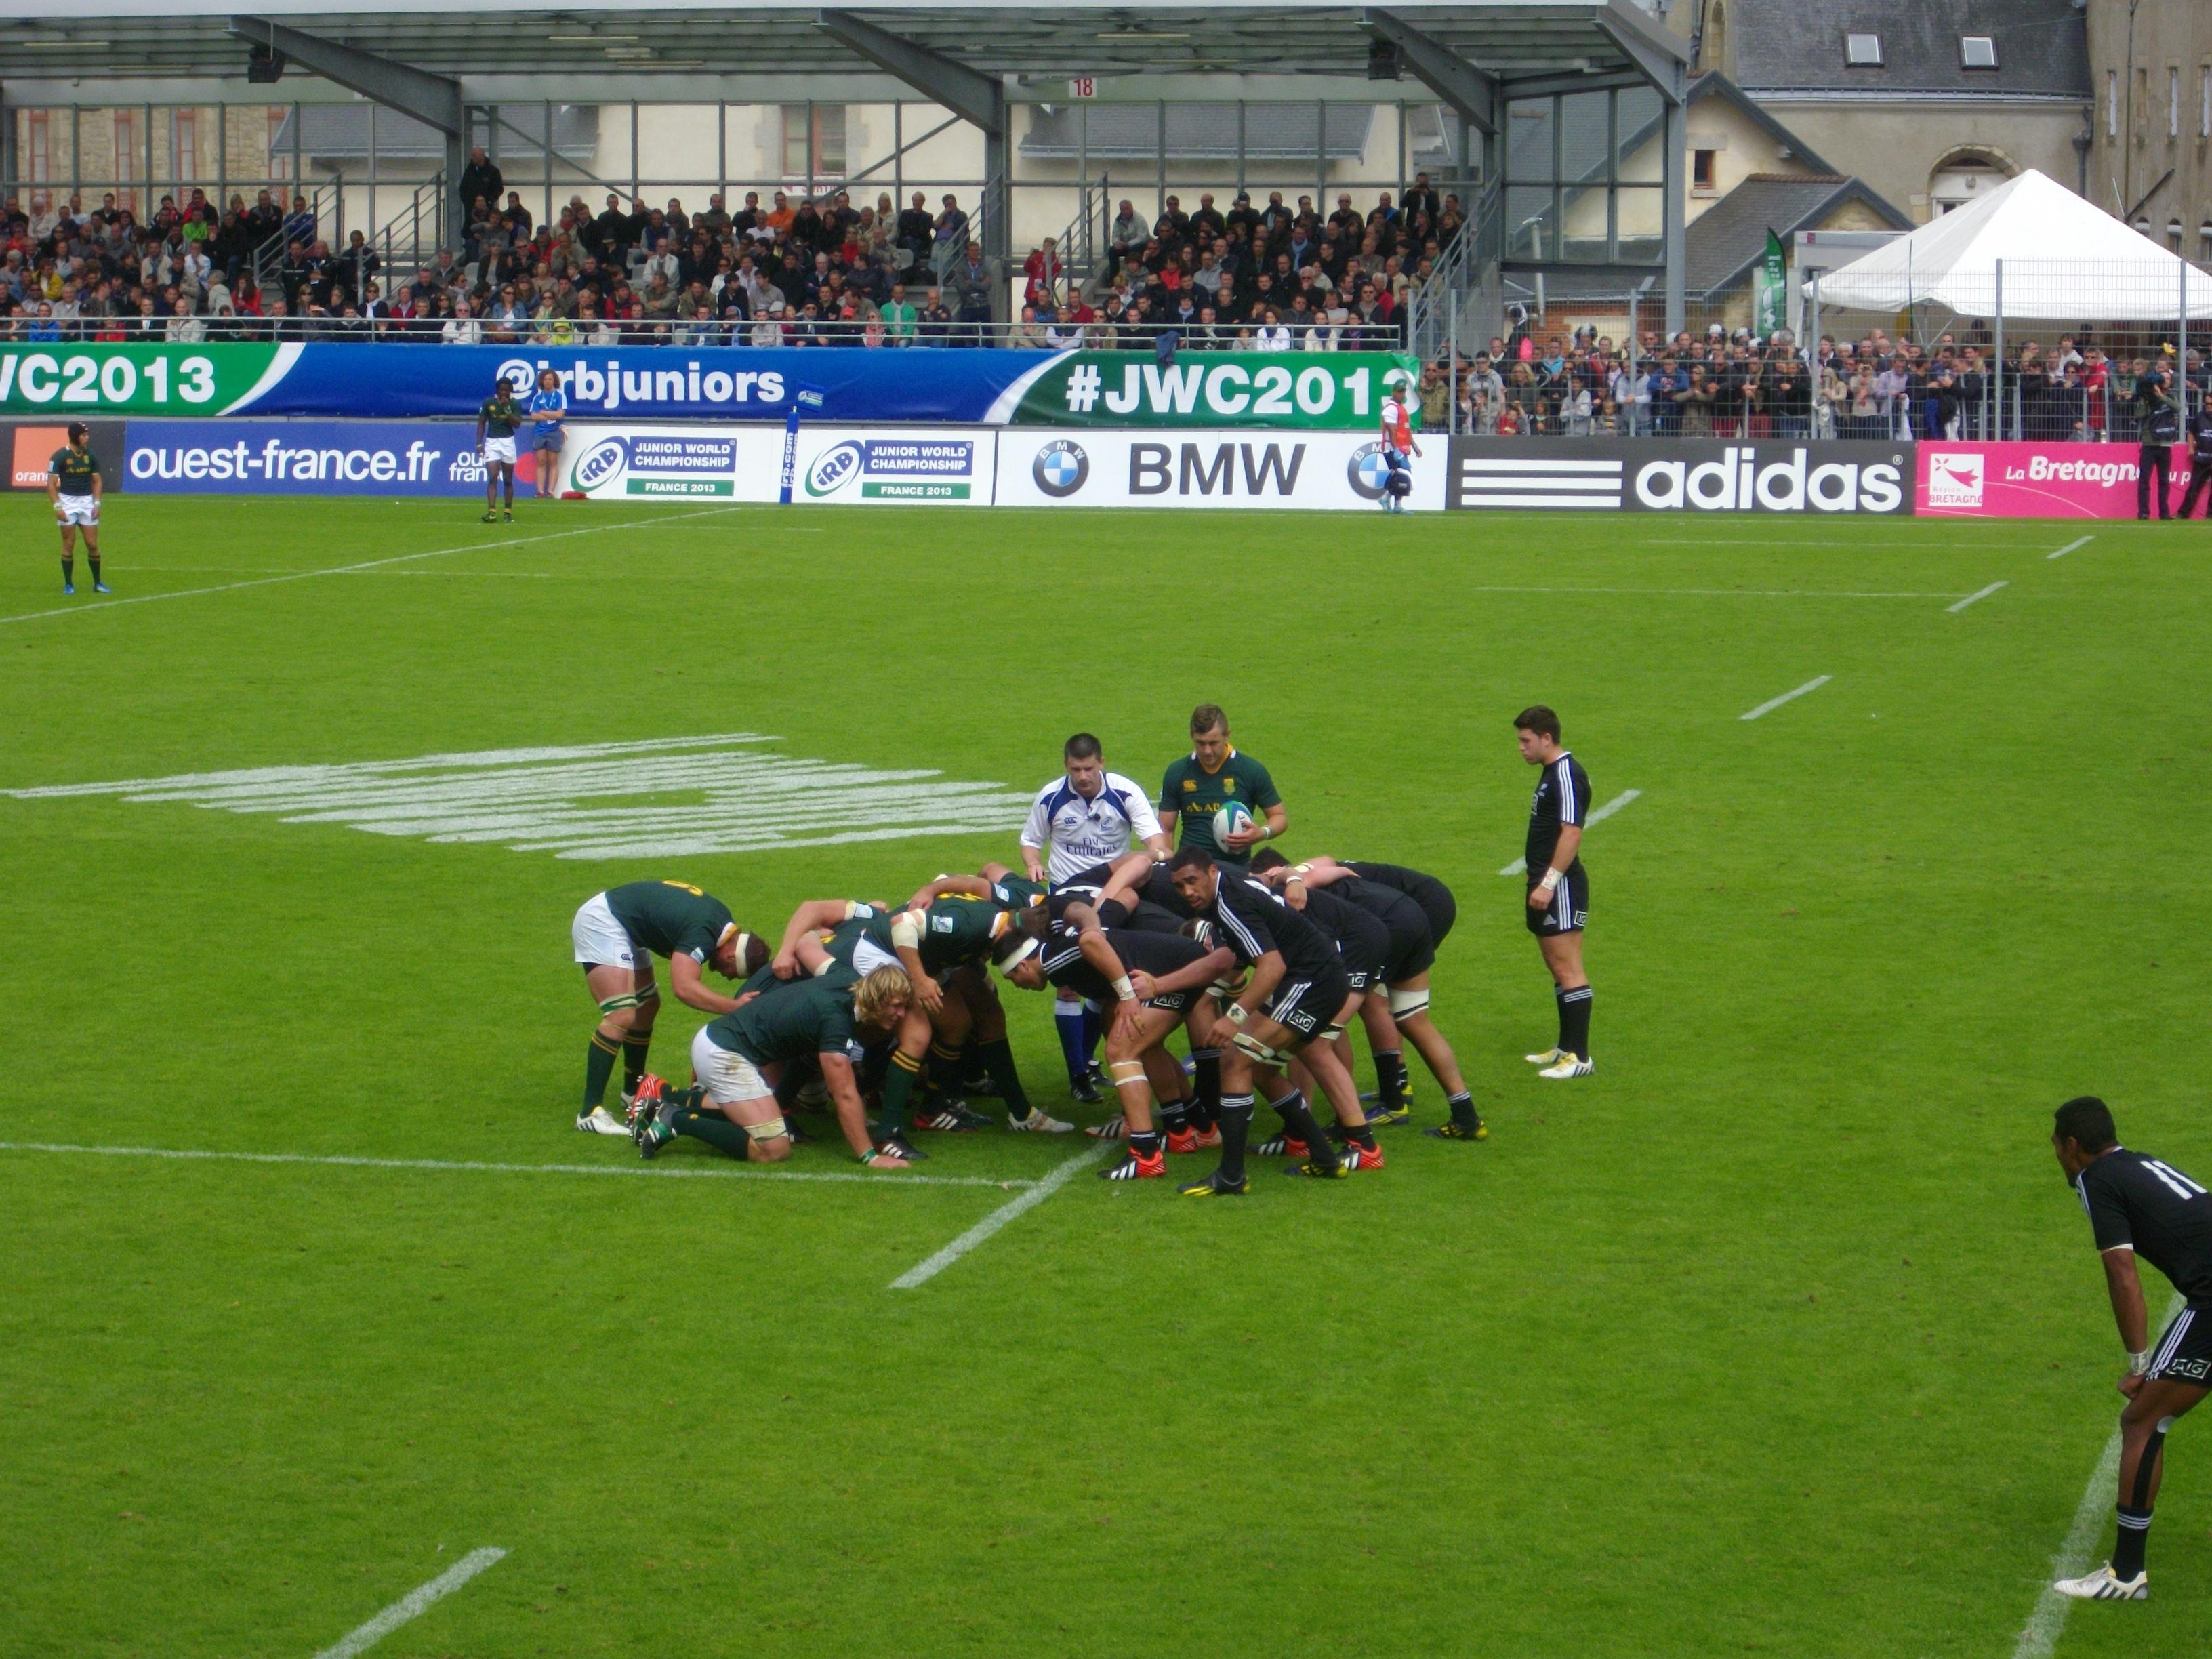 File coupe du monde junior de rugby xv 2013 3e place 12 jpg wikimedia commons - Place de rugby coupe du monde ...